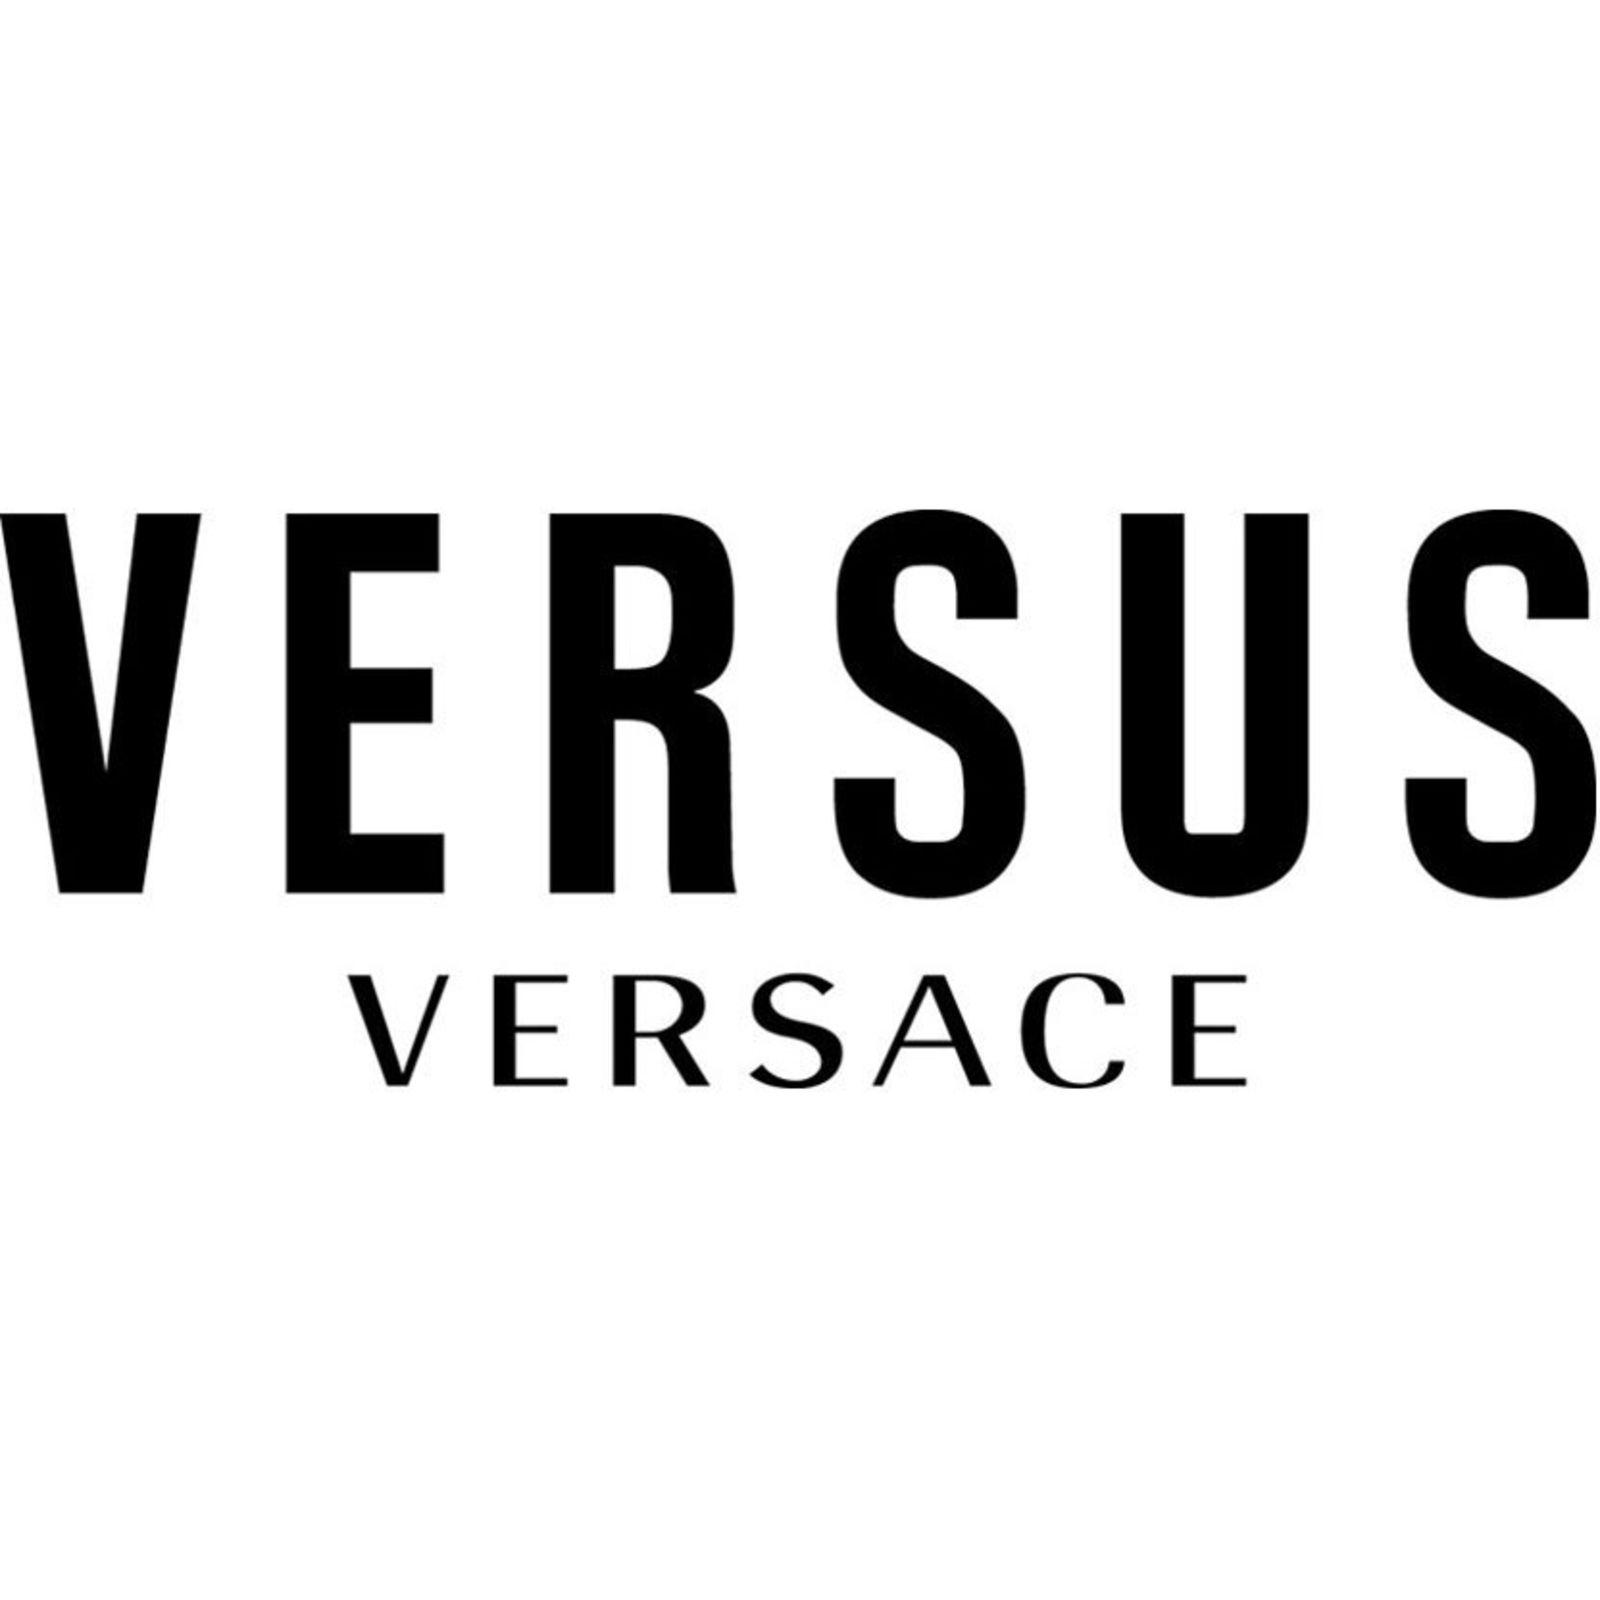 VERSUS (Image 1)